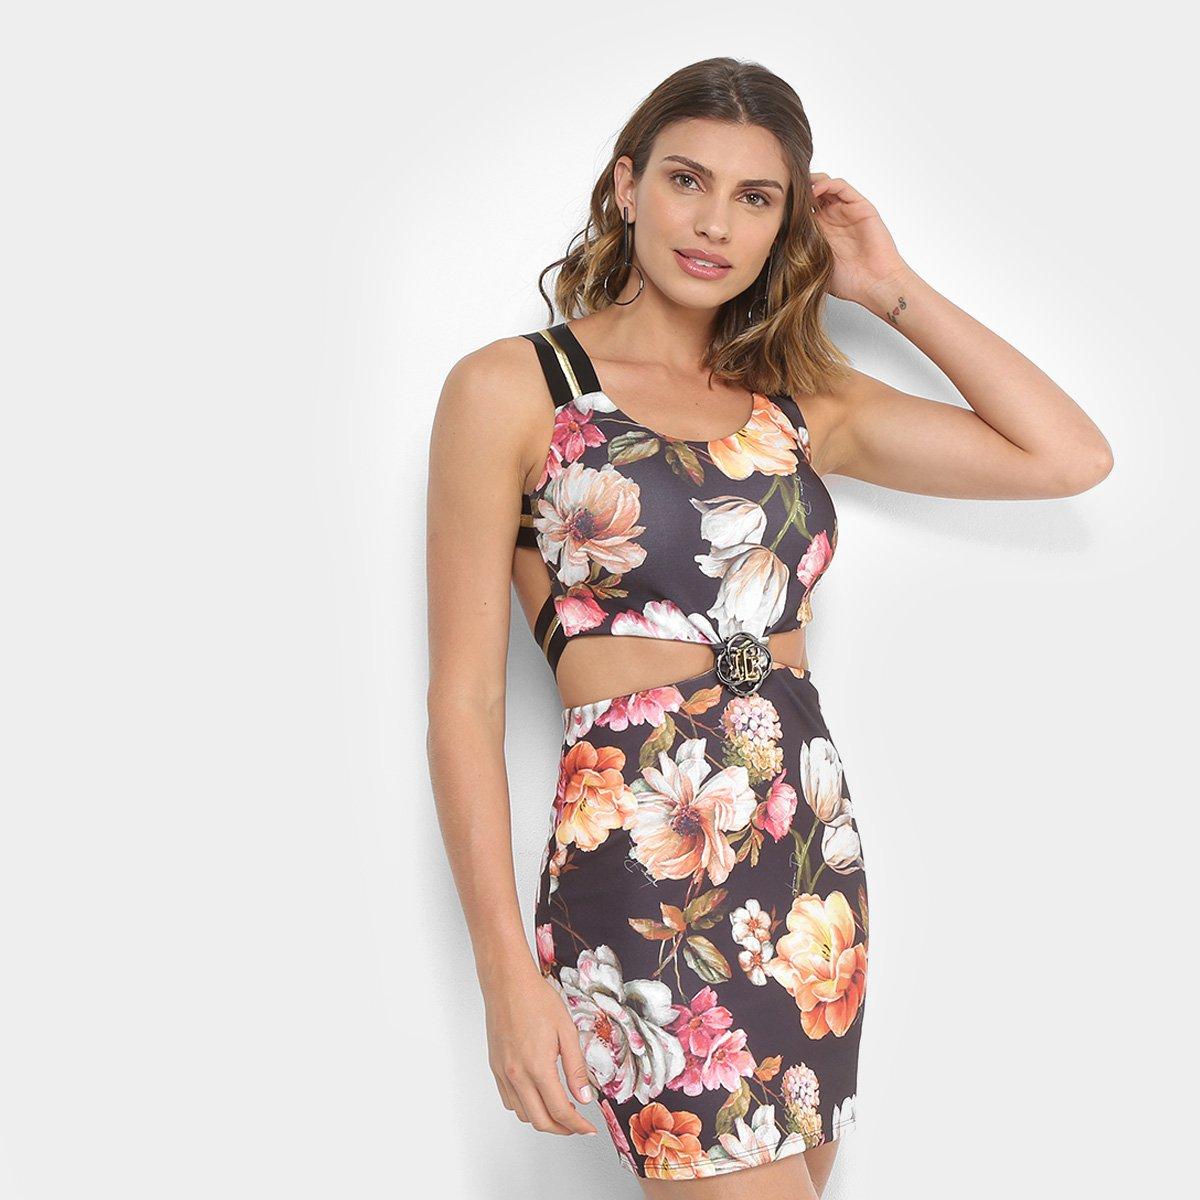 b14647a47 Vestido Estampado Floral Lança Perfume Recorte Vazado Feminino